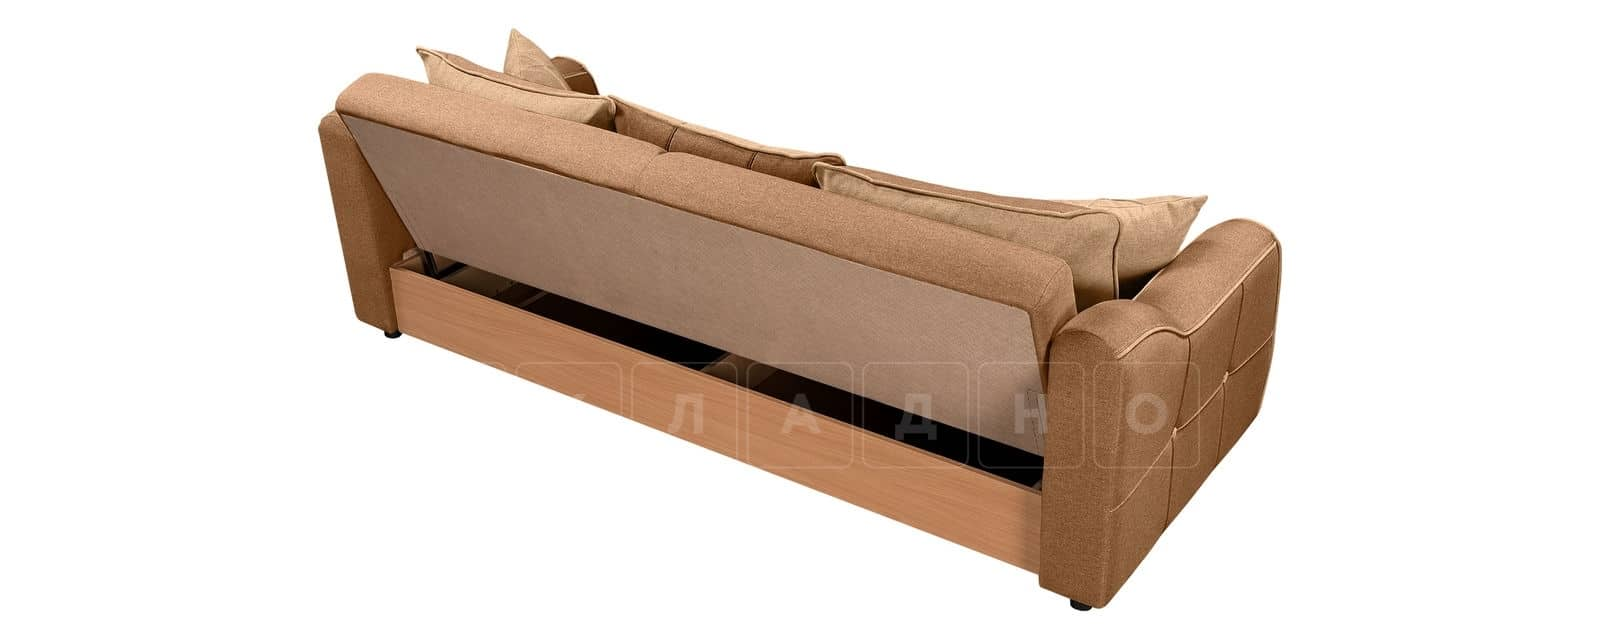 Диван Флэтфорд рогожка коричневый цвет фото 3 | интернет-магазин Складно